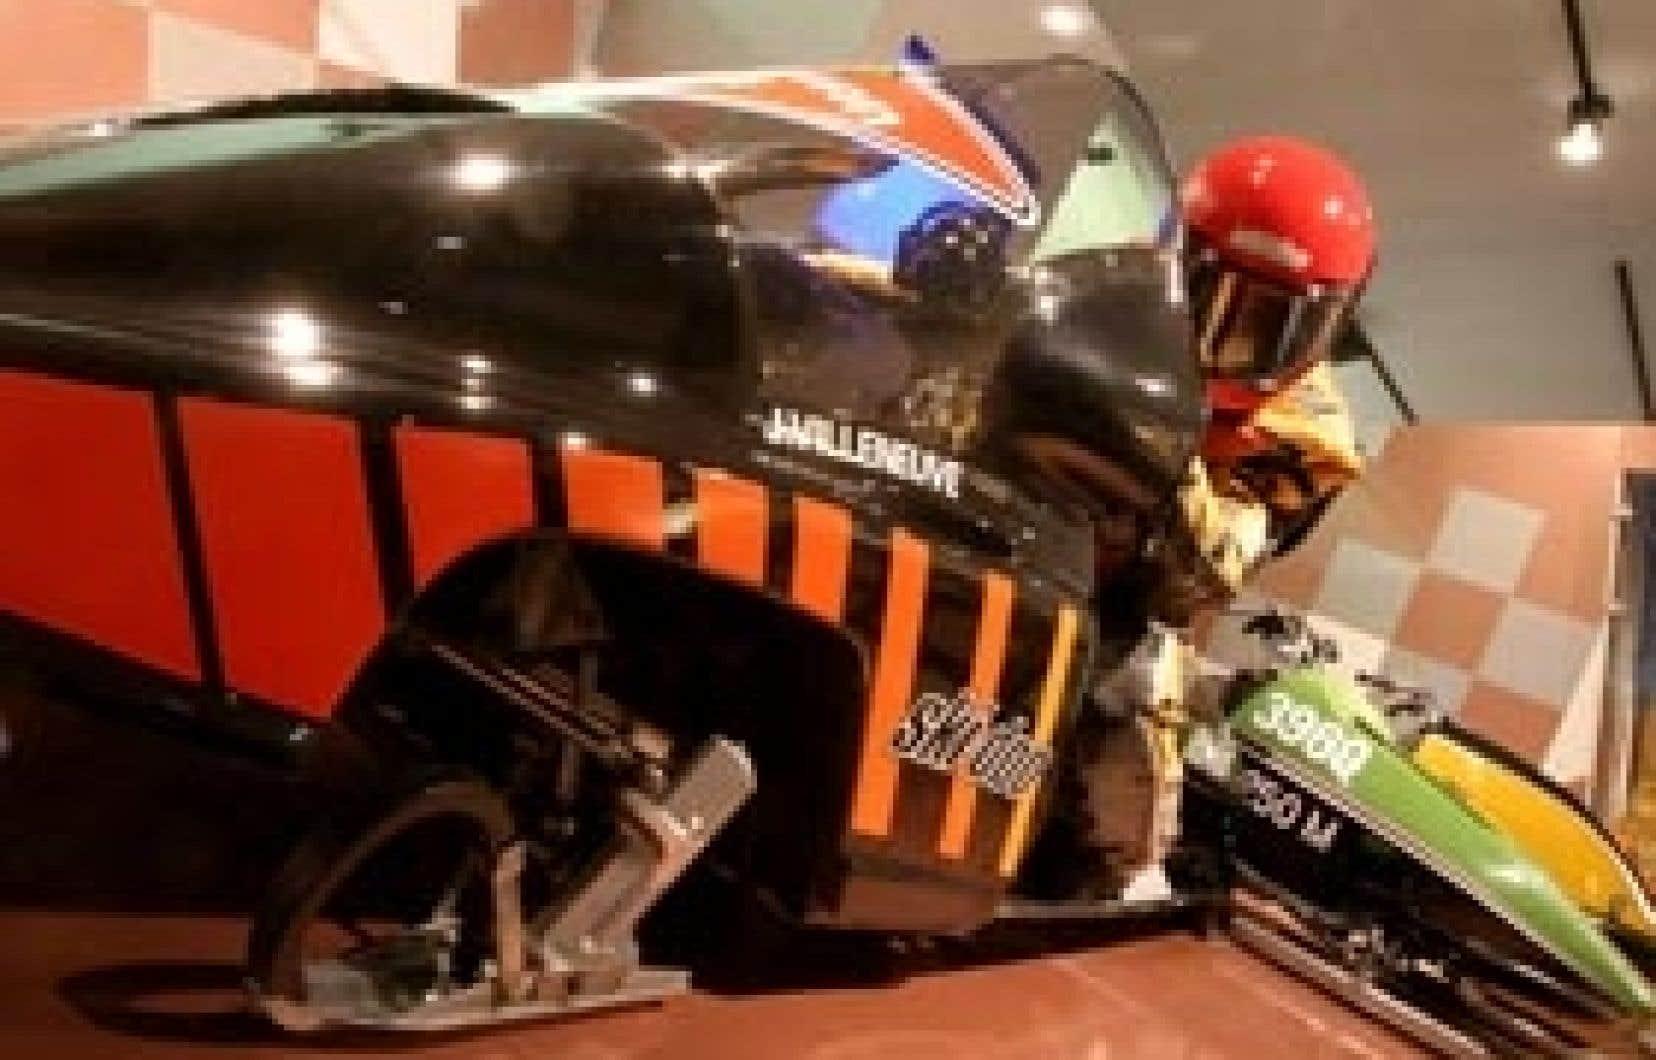 Jacques Villeneuve, le frère de Gilles, faisait de la course en motoneige. La MIM Formule 1, 1985, a sûrement été conçue pour lui. Il adorait la course de motoneige sur glace, entre autres choses.